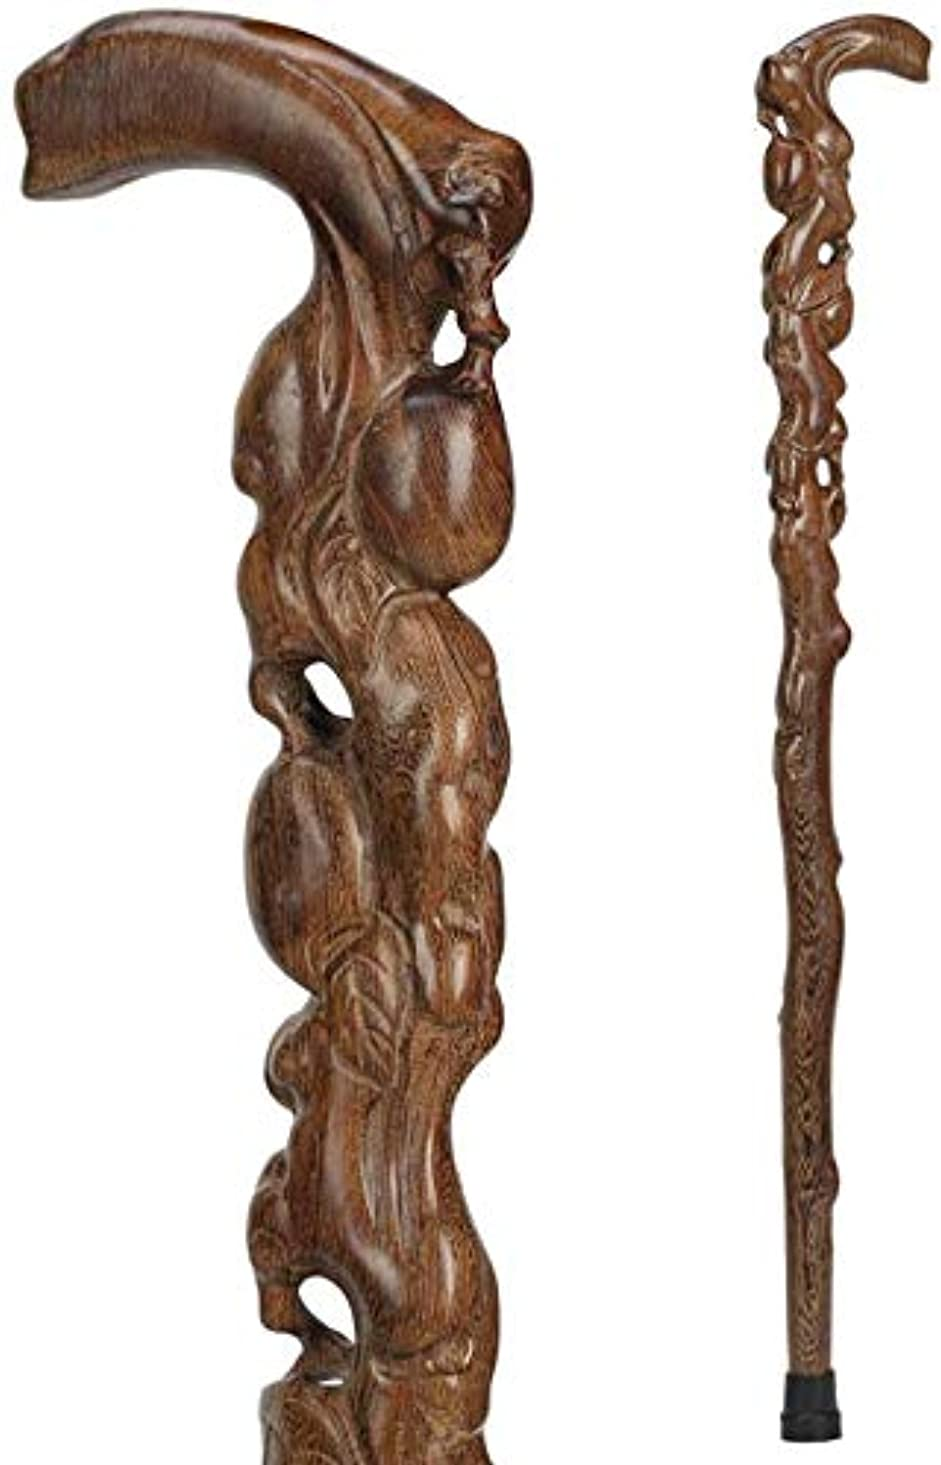 わずらわしい市の花ジャムBAORIは、男性と女性の天然木のために木の棒を刻まれた伝統的な木製35インチの滑り止めラバーチップを貼り、,インクルード